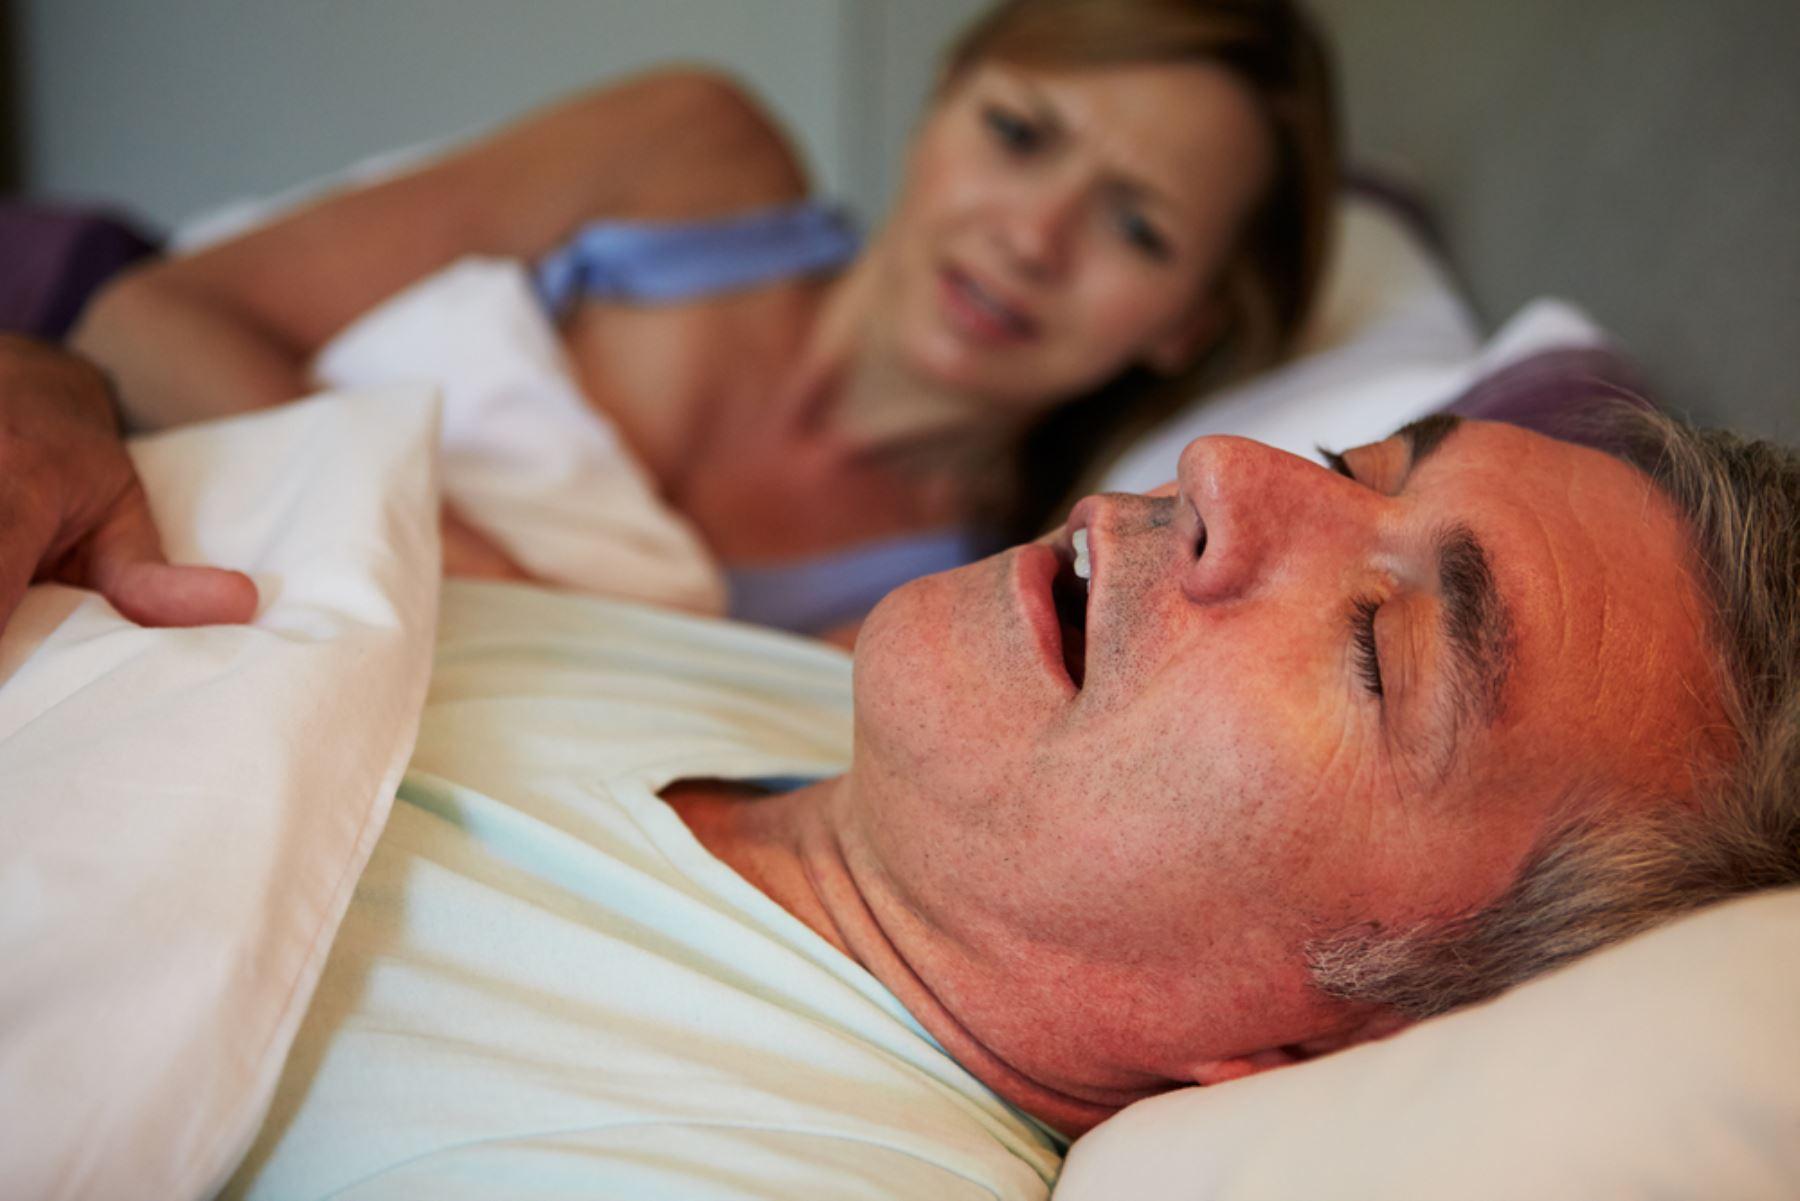 Enfermedad es muy peligrosa porque en casos severos podría llevar a la muerte. Foto: INTERNET/Medios